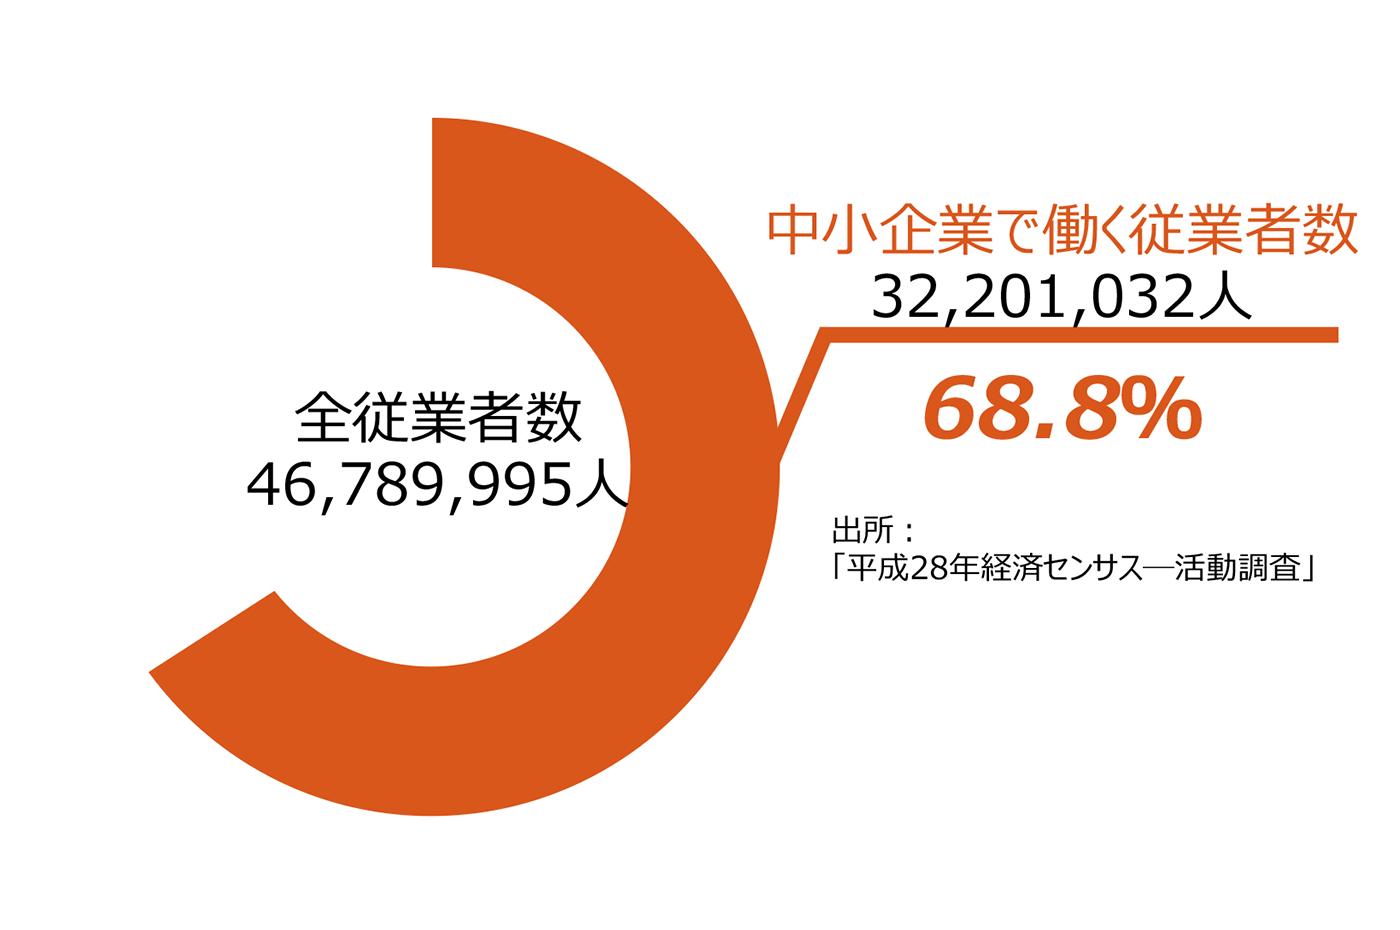 日本を支える中小企業:中小機構